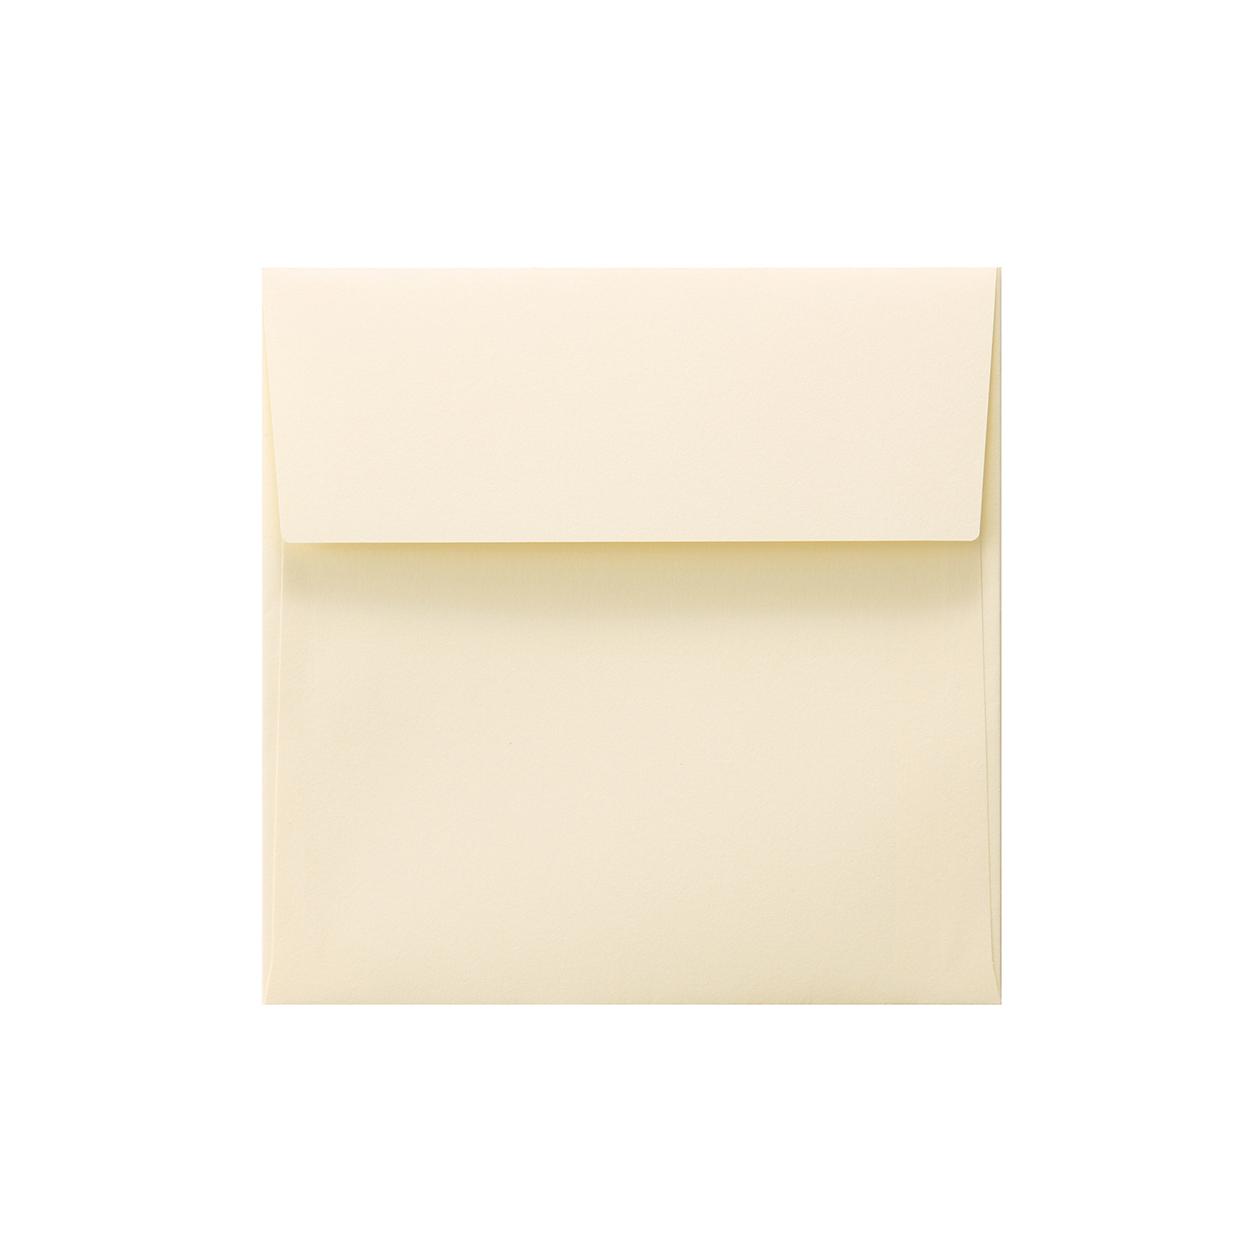 SE16カマス封筒 コットン ナチュラル 116.3g